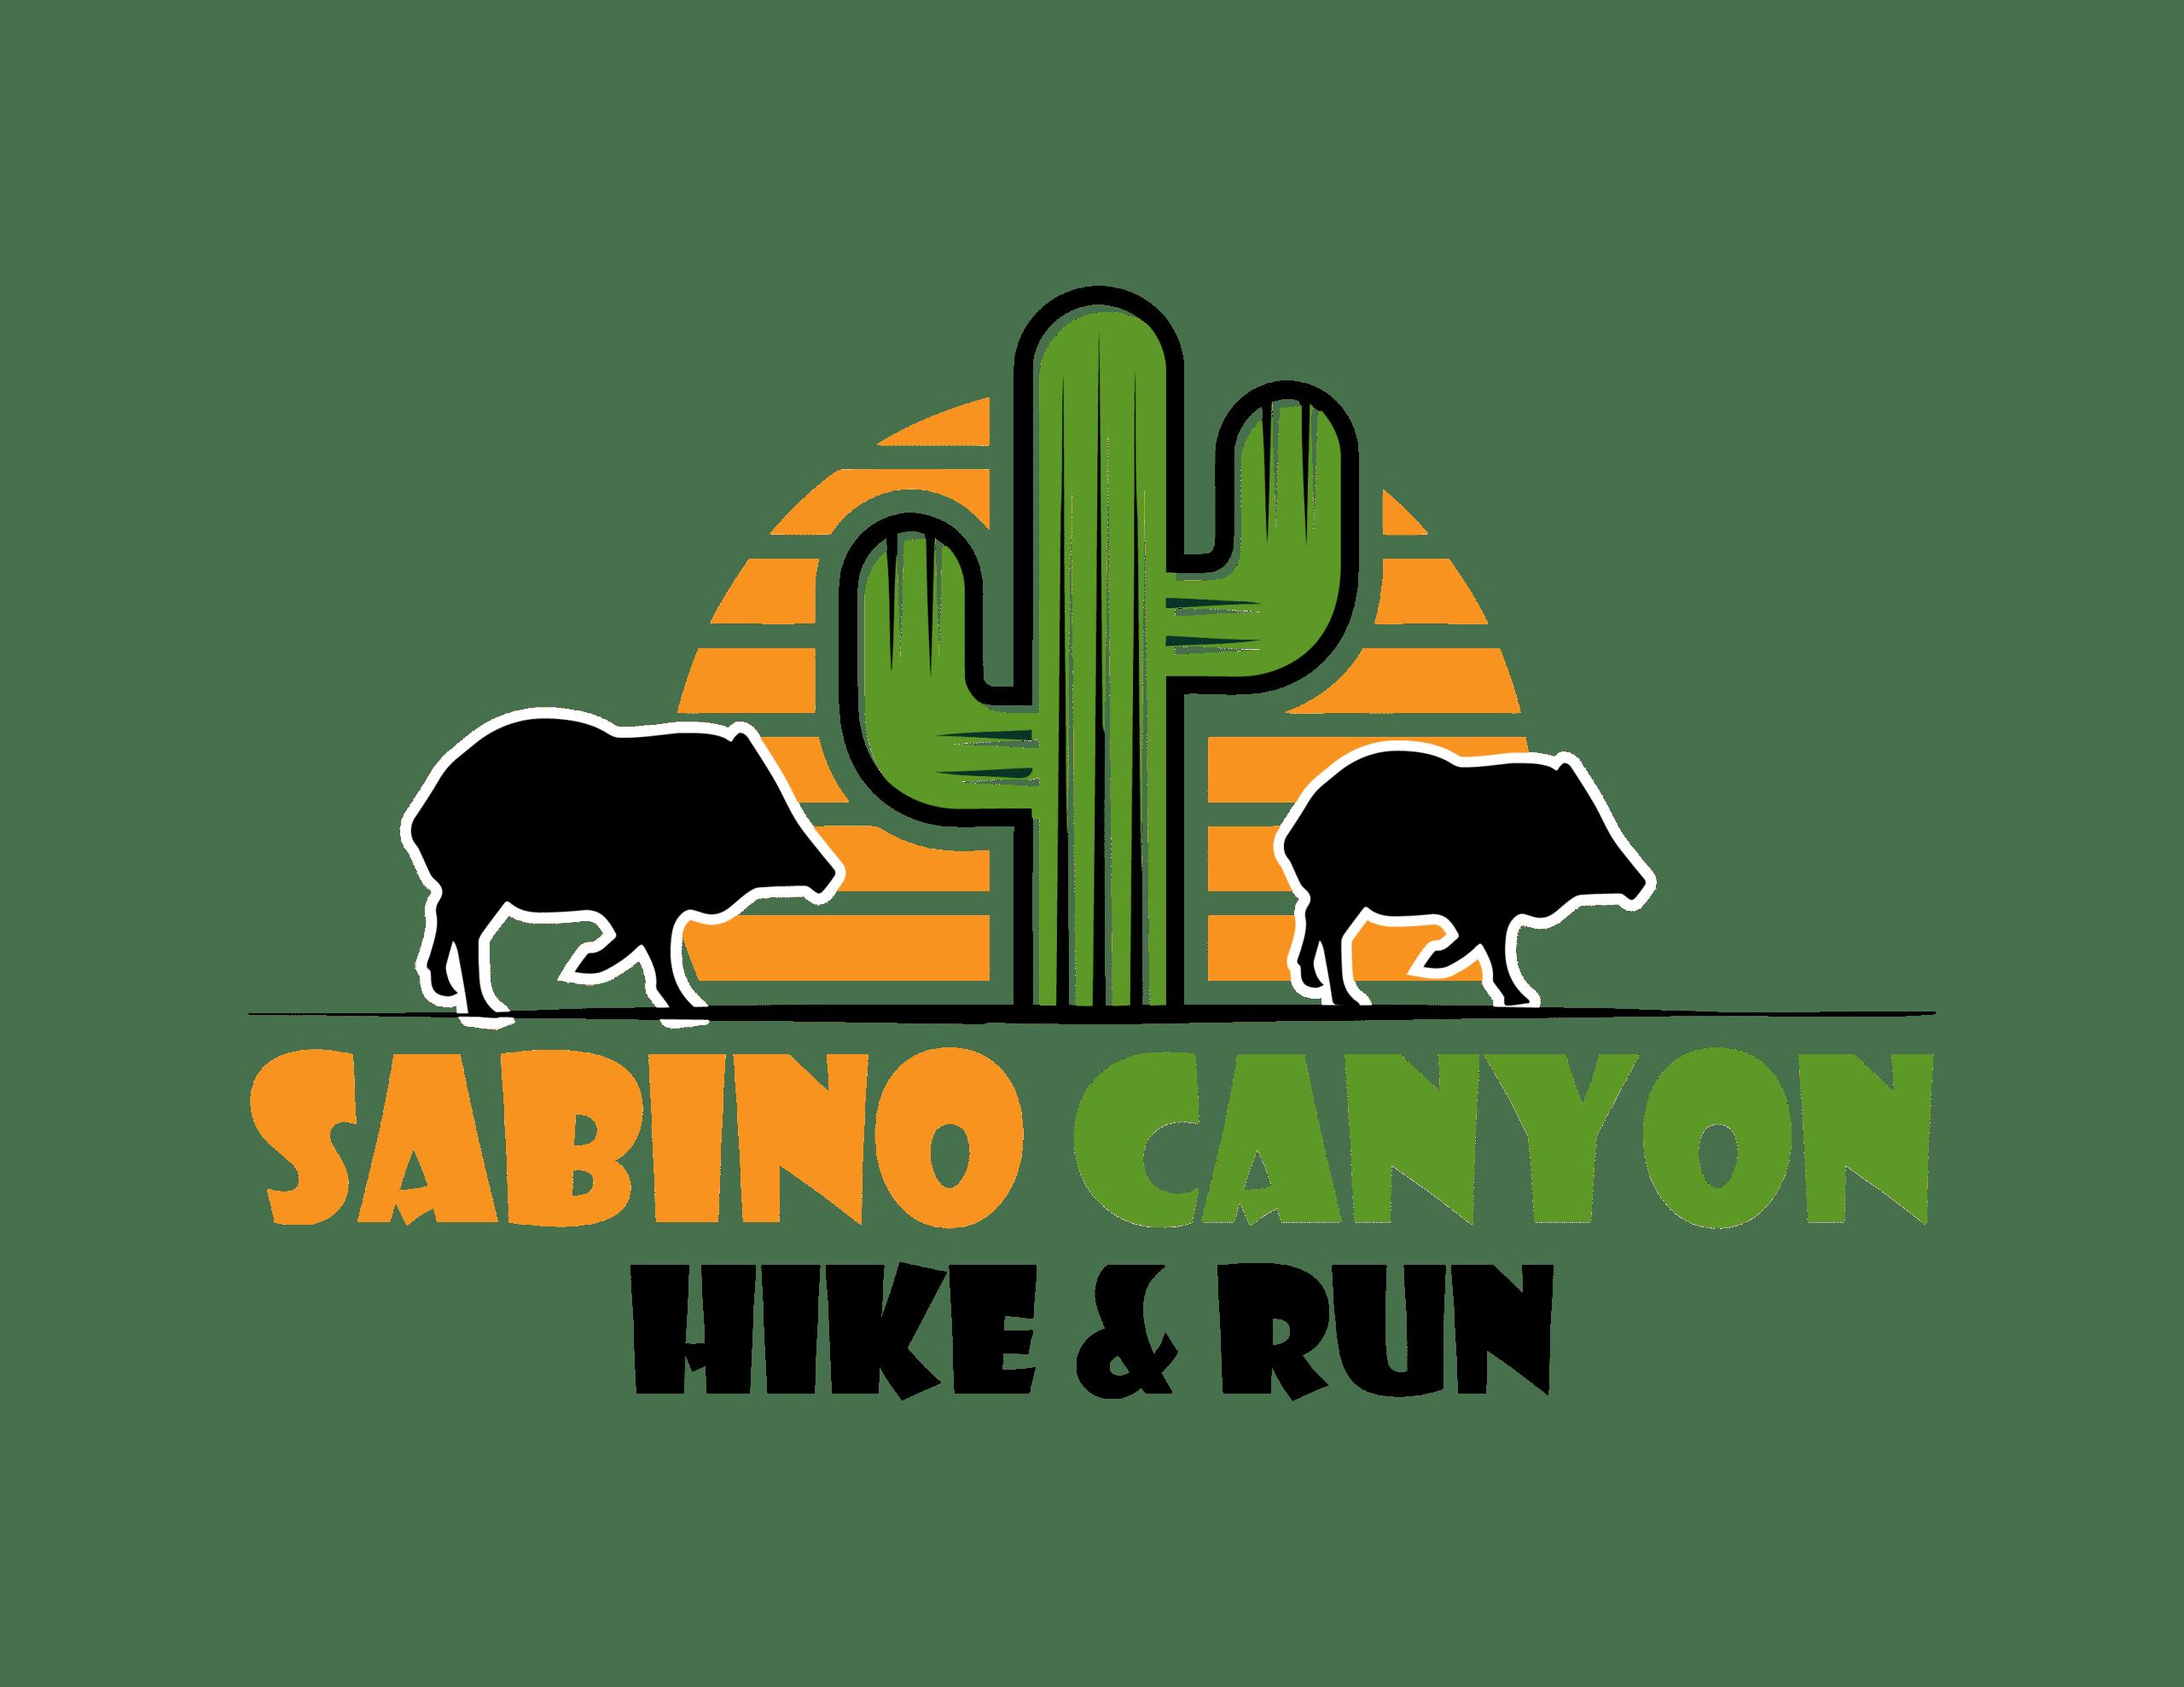 Sabino Canyon Hike & Run Logo